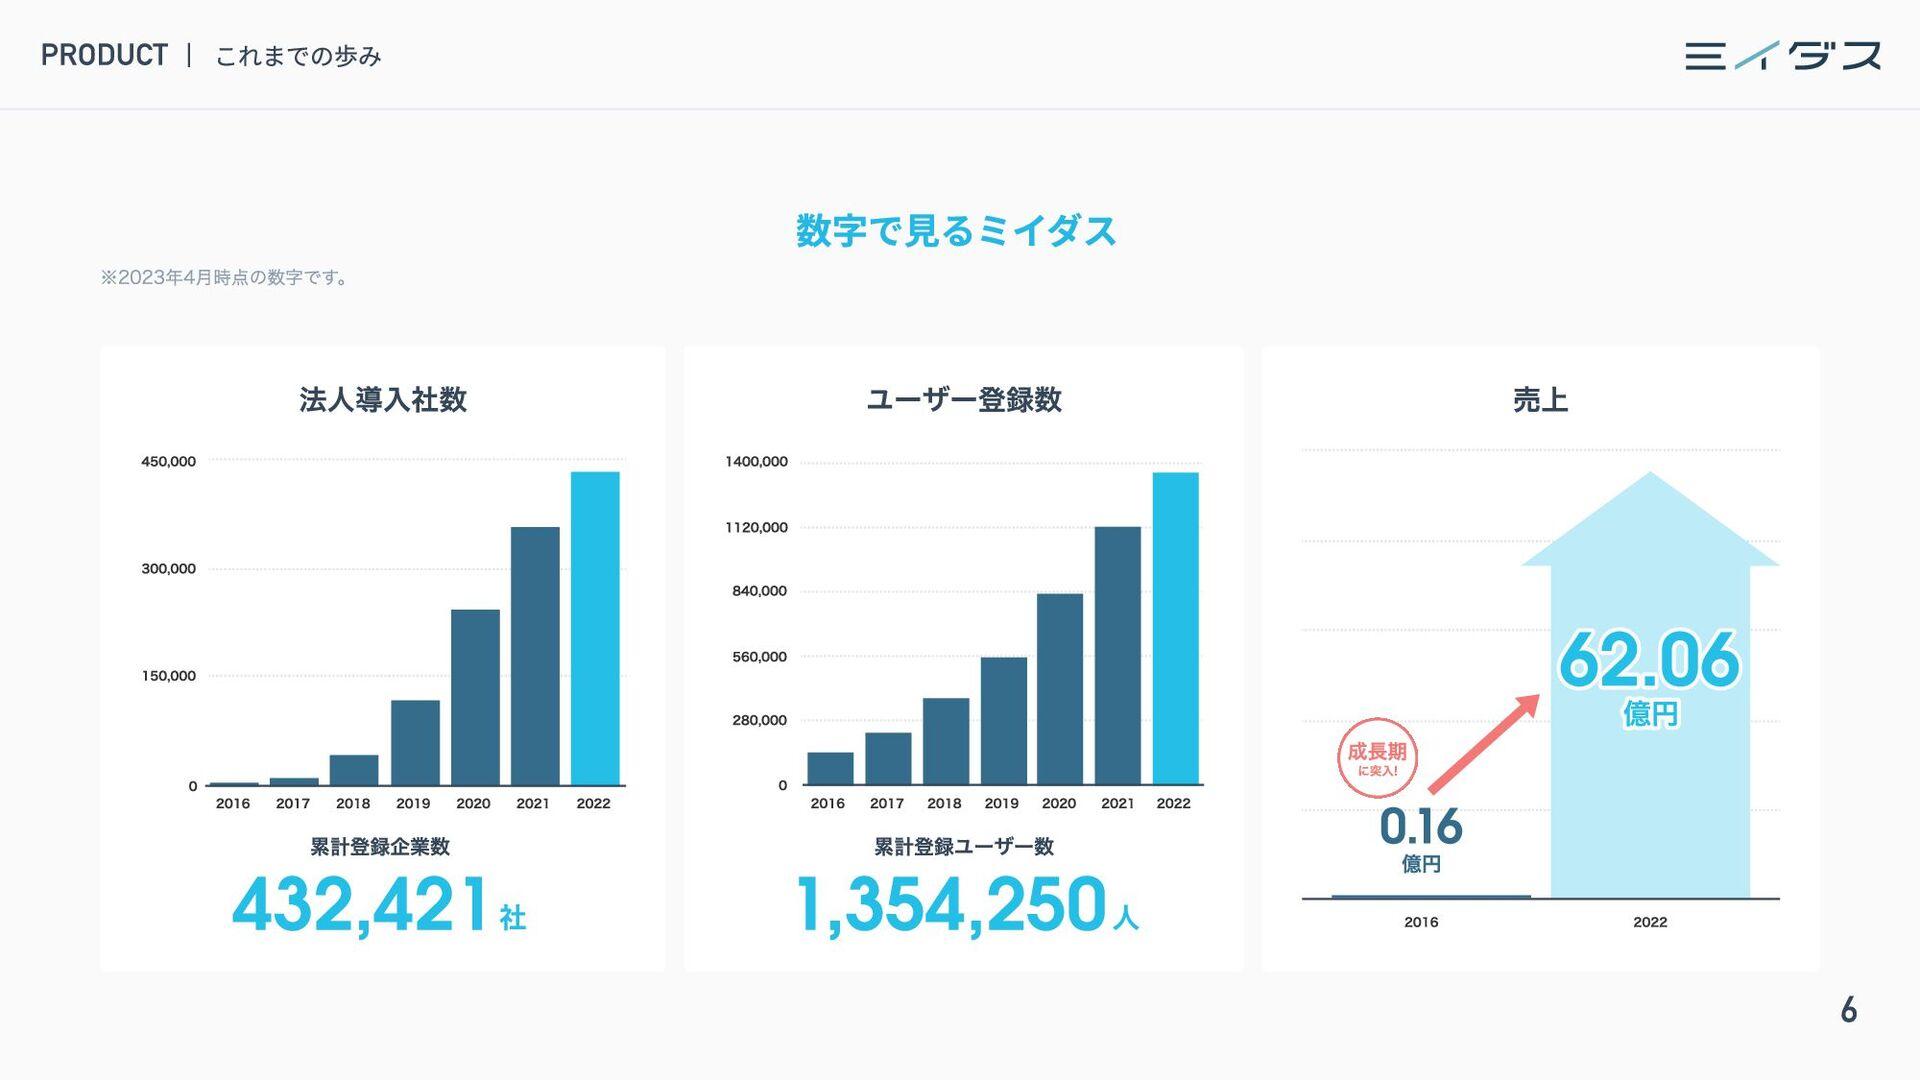 7 CONTENTS INTRODUCE ミイダス株式会社について 4 PRODUCT ミイダ...